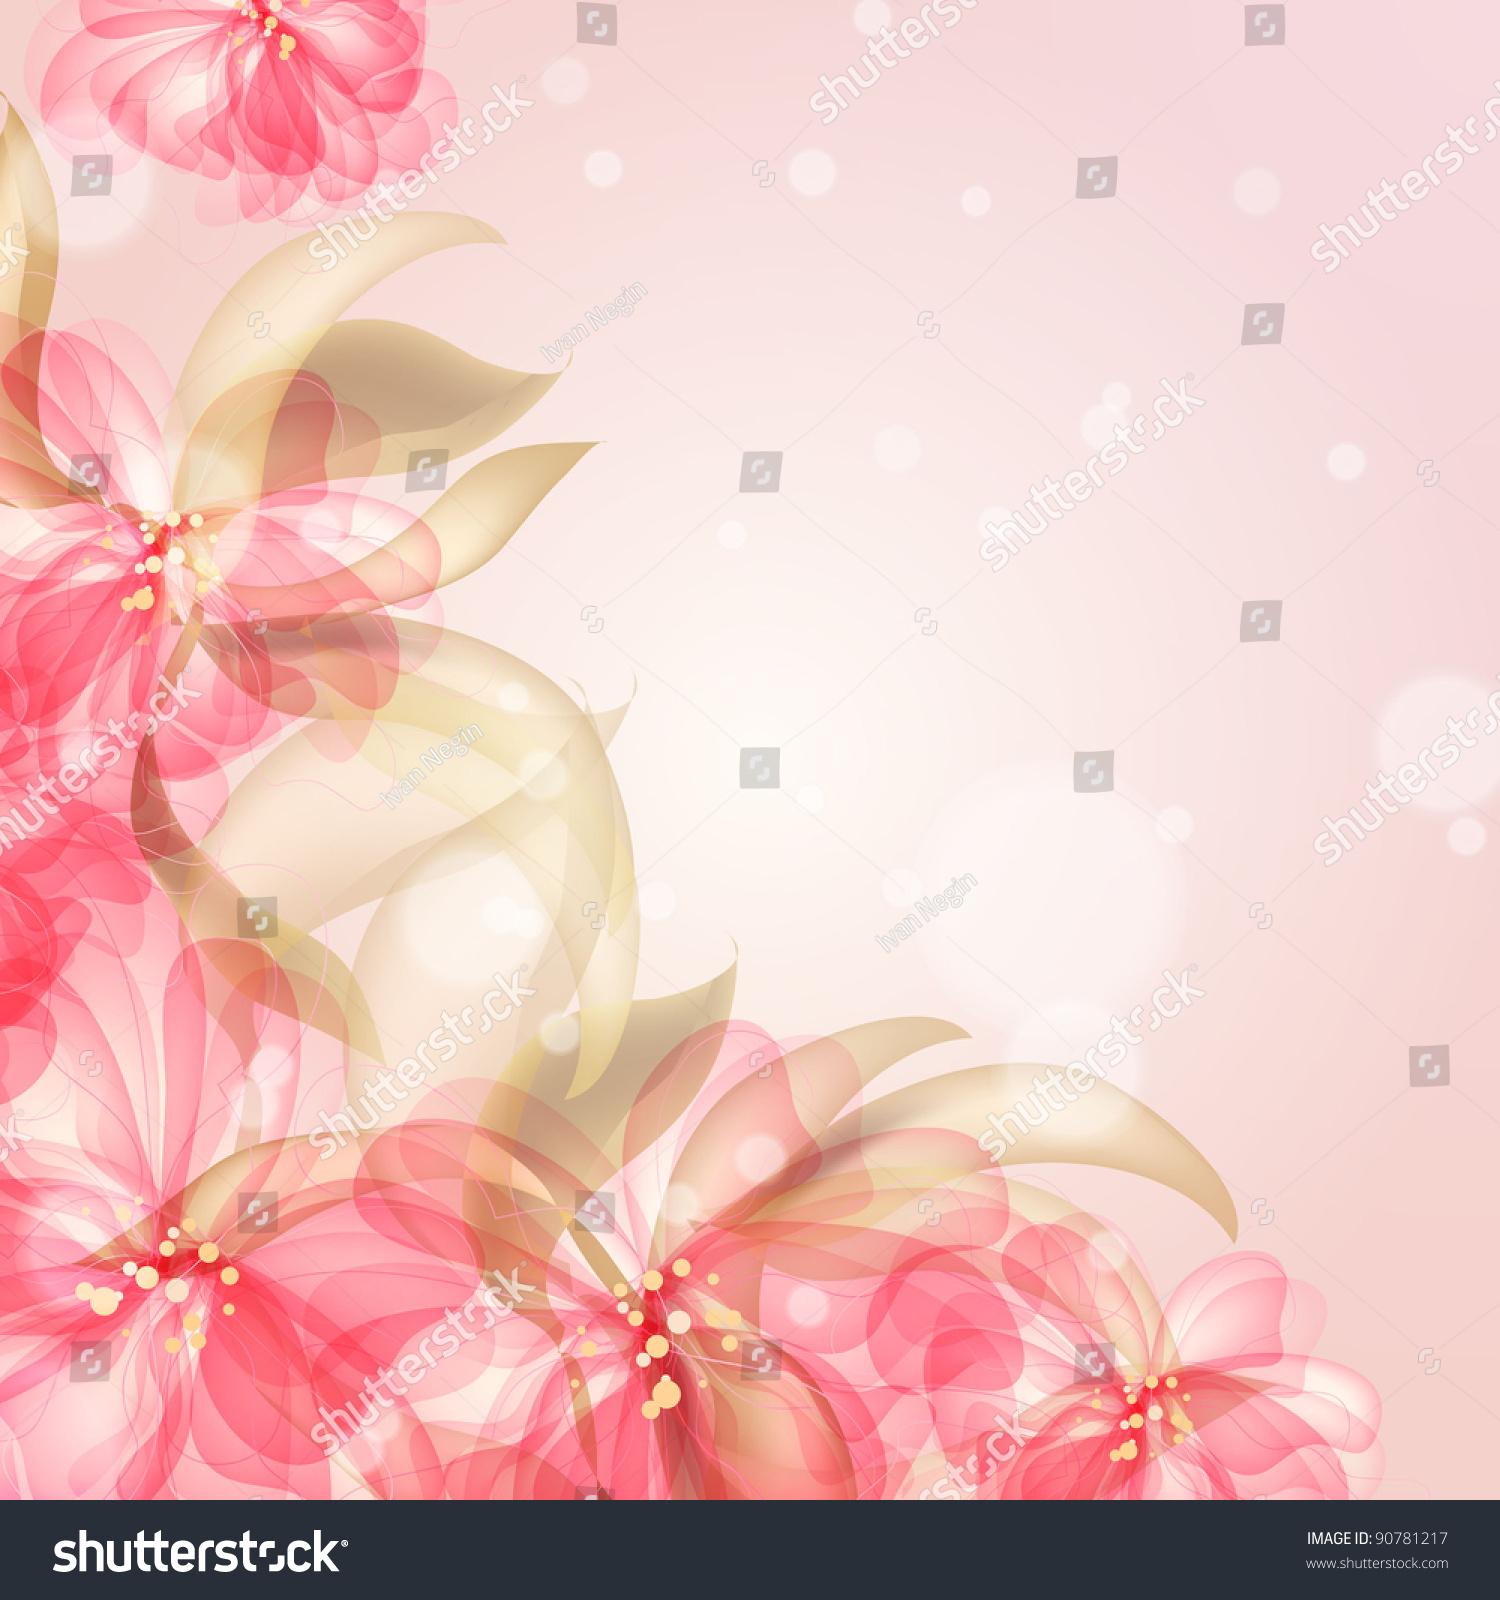 Красивый цветочный фон для поздравления 97